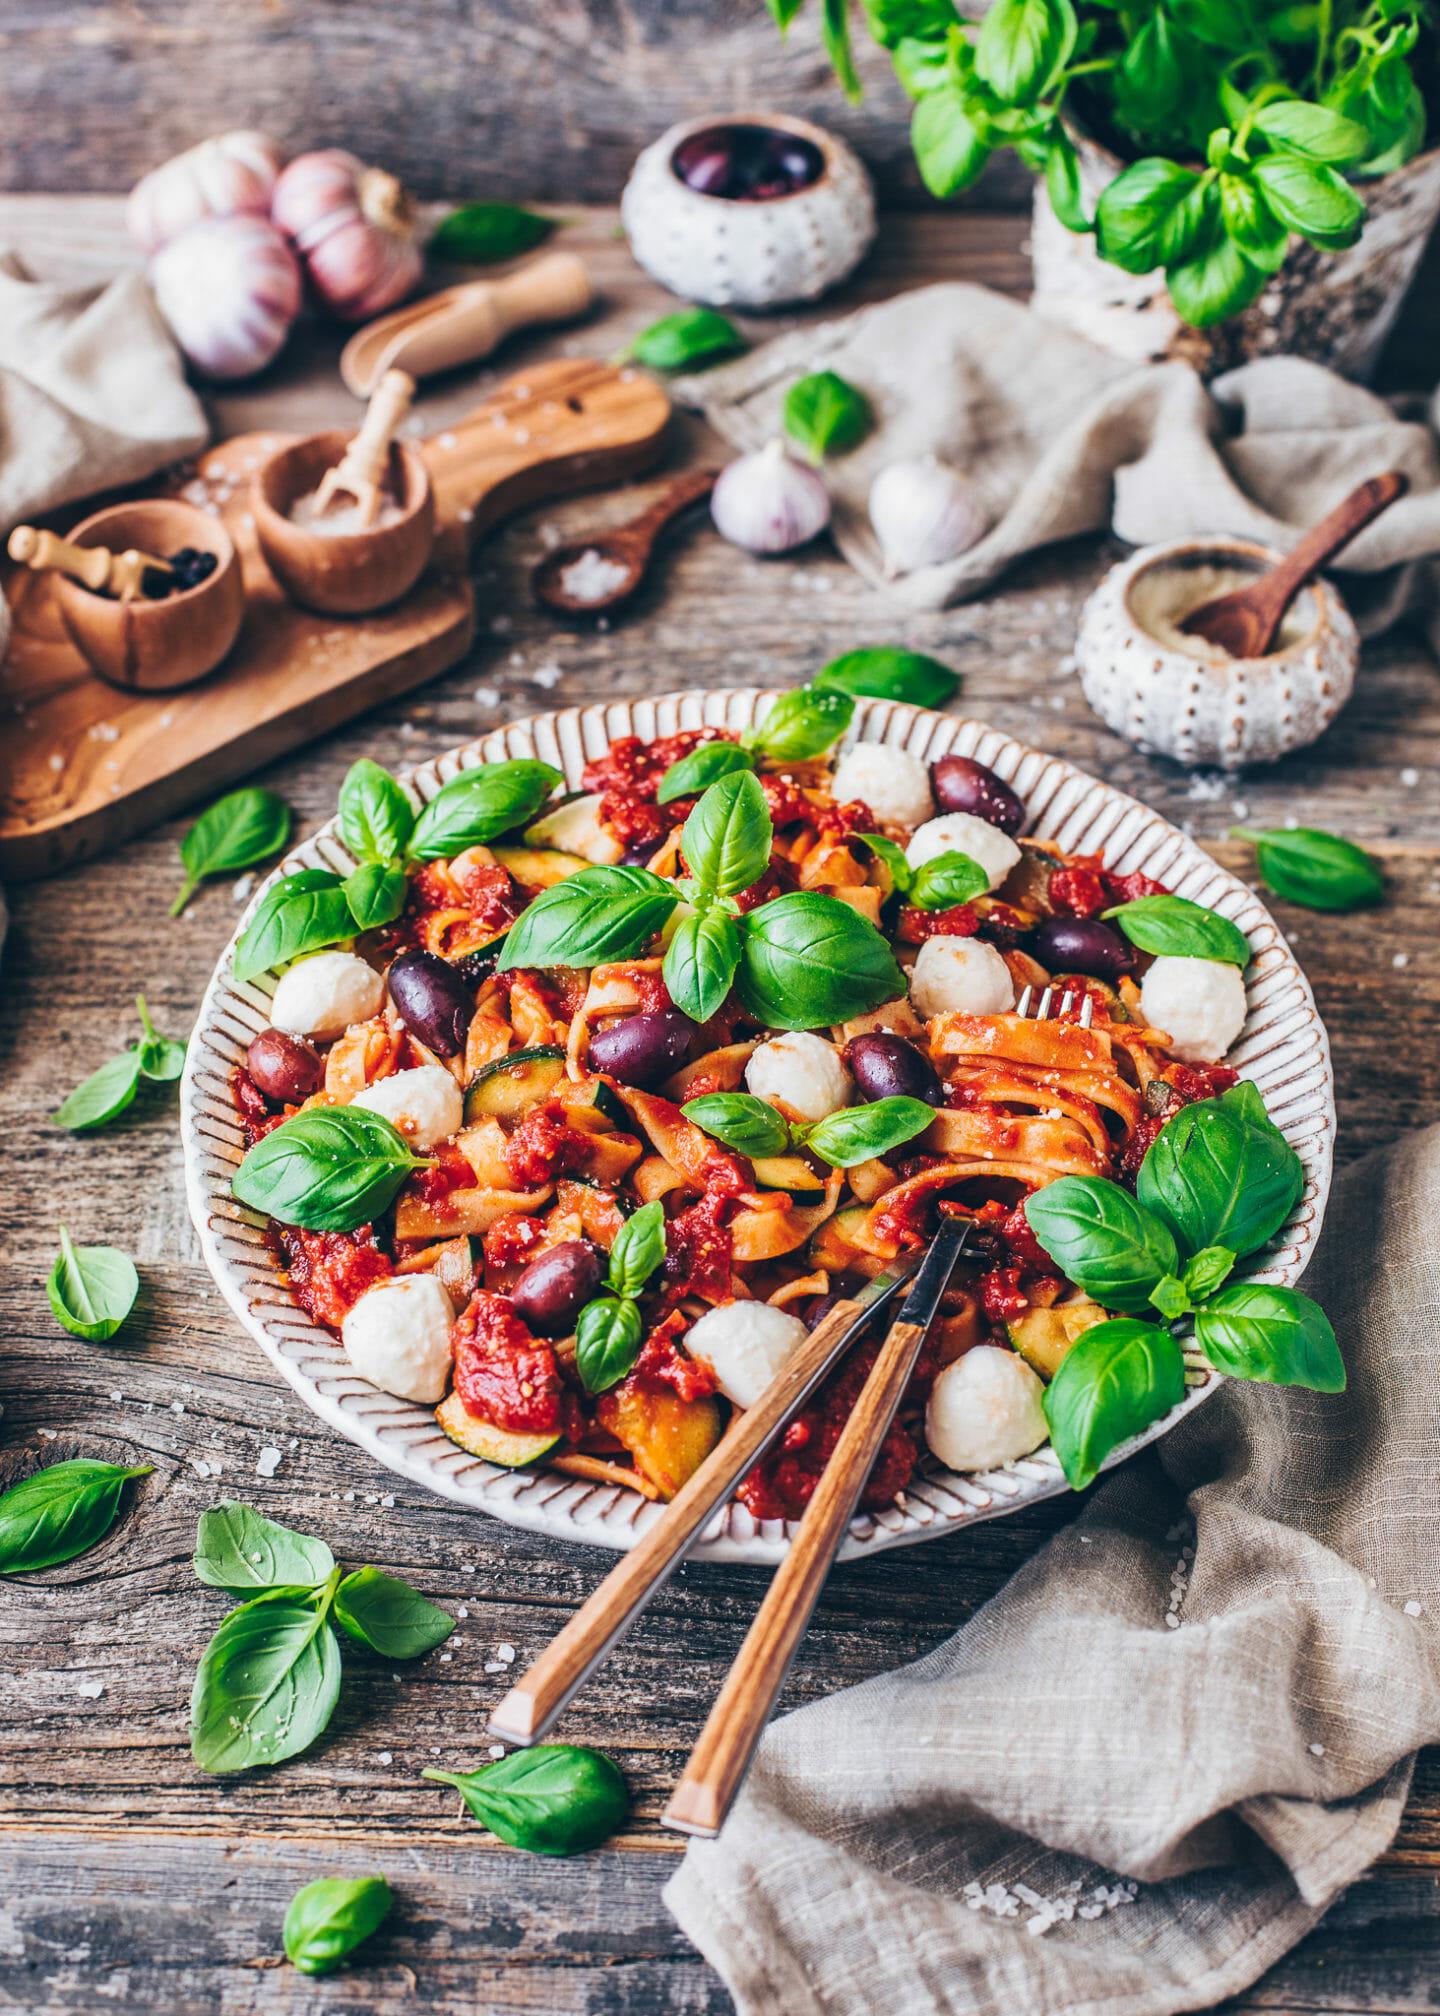 Pasta mit Tomaten-Sauce, Mozzarella, Oliven, Zucchini und Basilikum